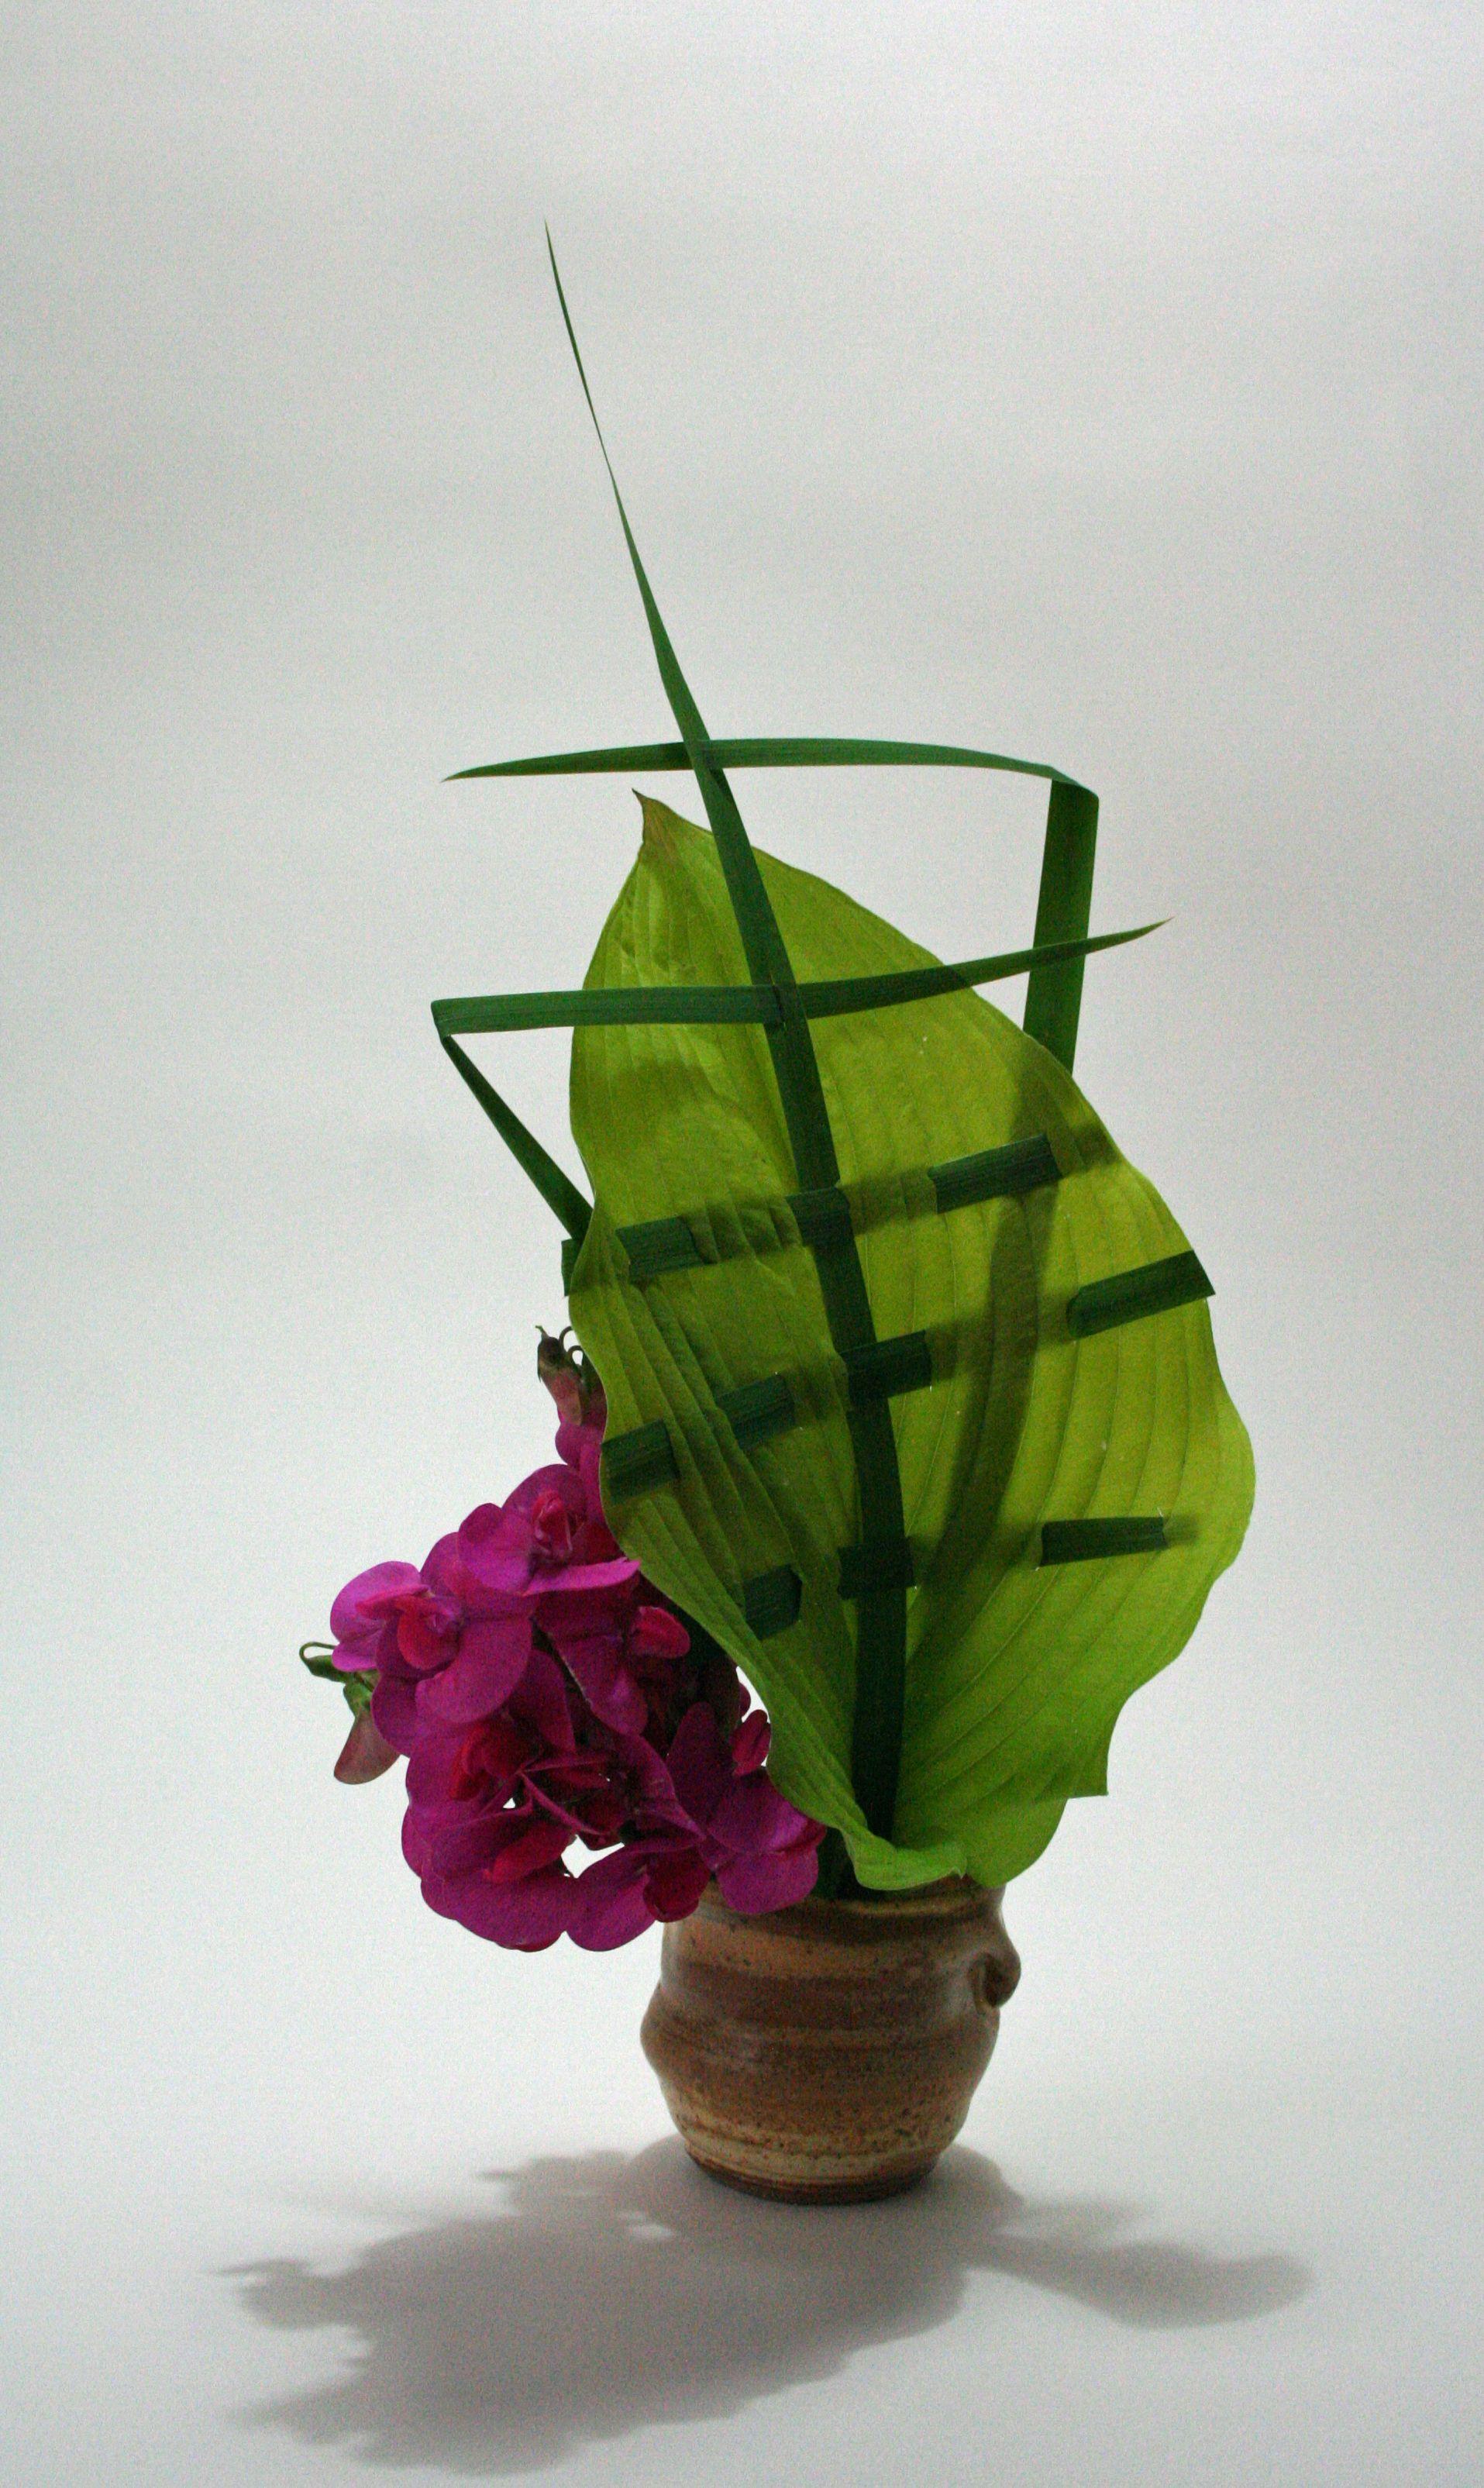 Sweetpeas With Manipulated Hosta Leaf